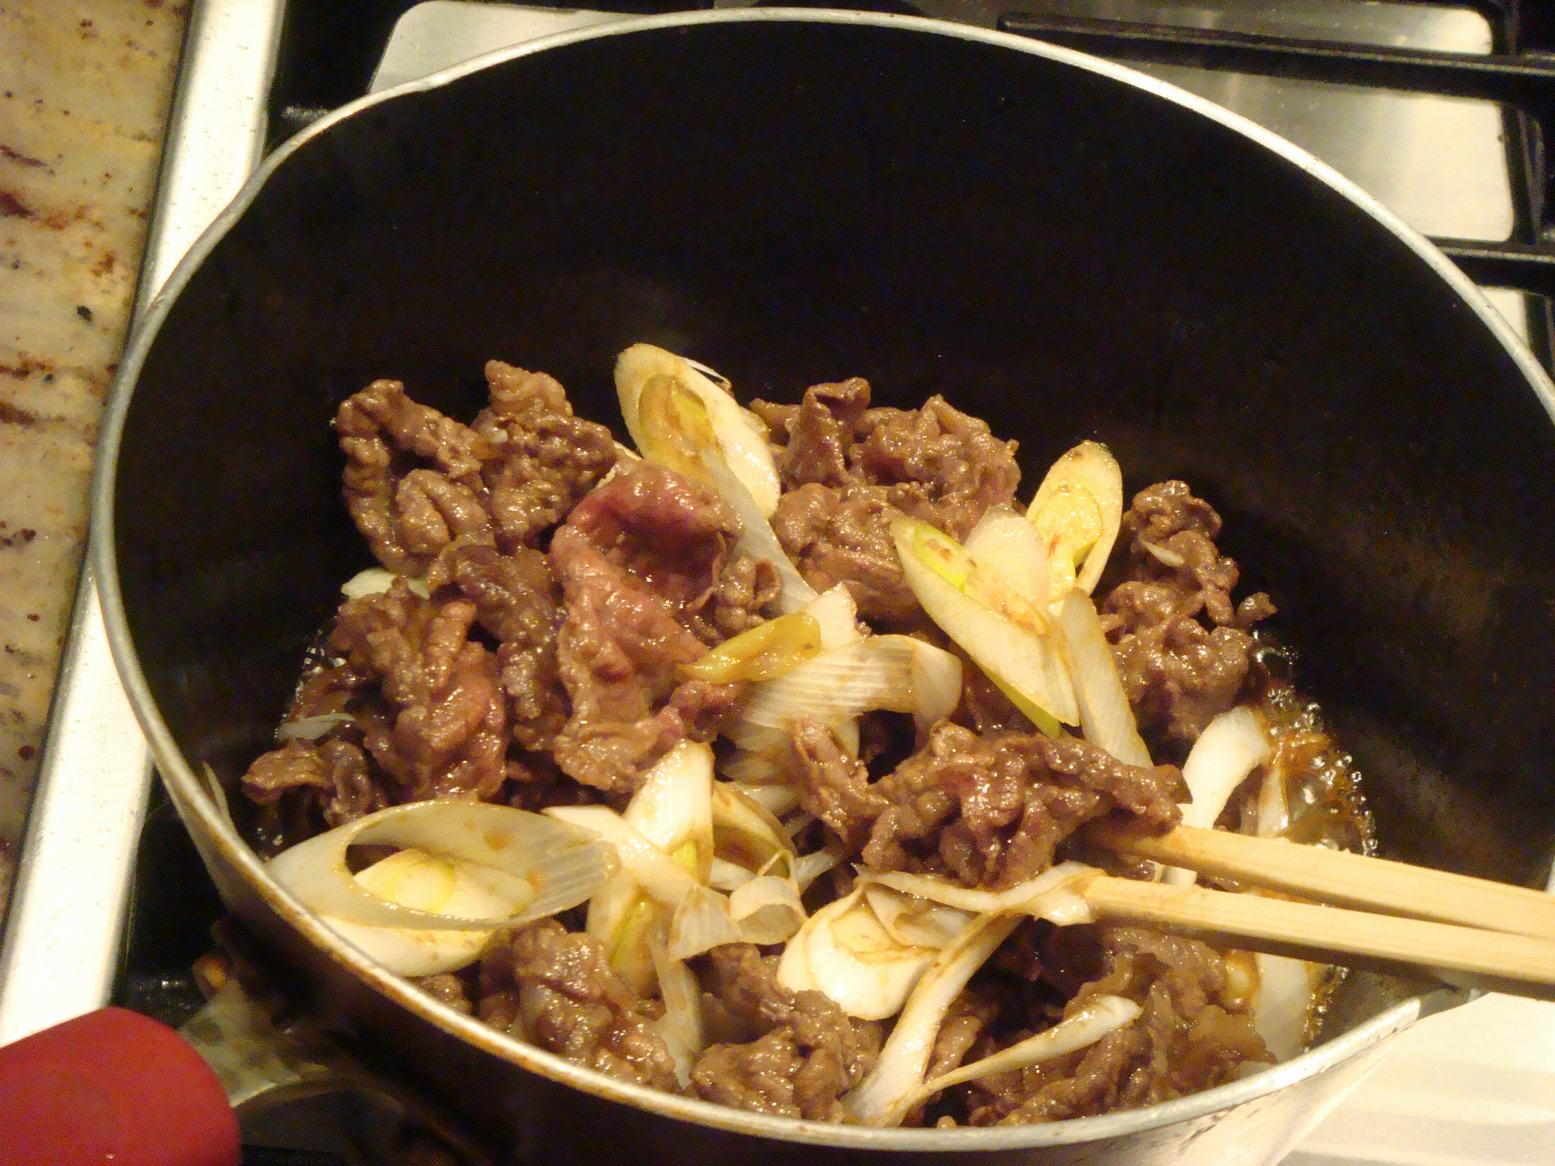 しばれる晩は肉うどんが一番、_d0100880_22195252.jpg